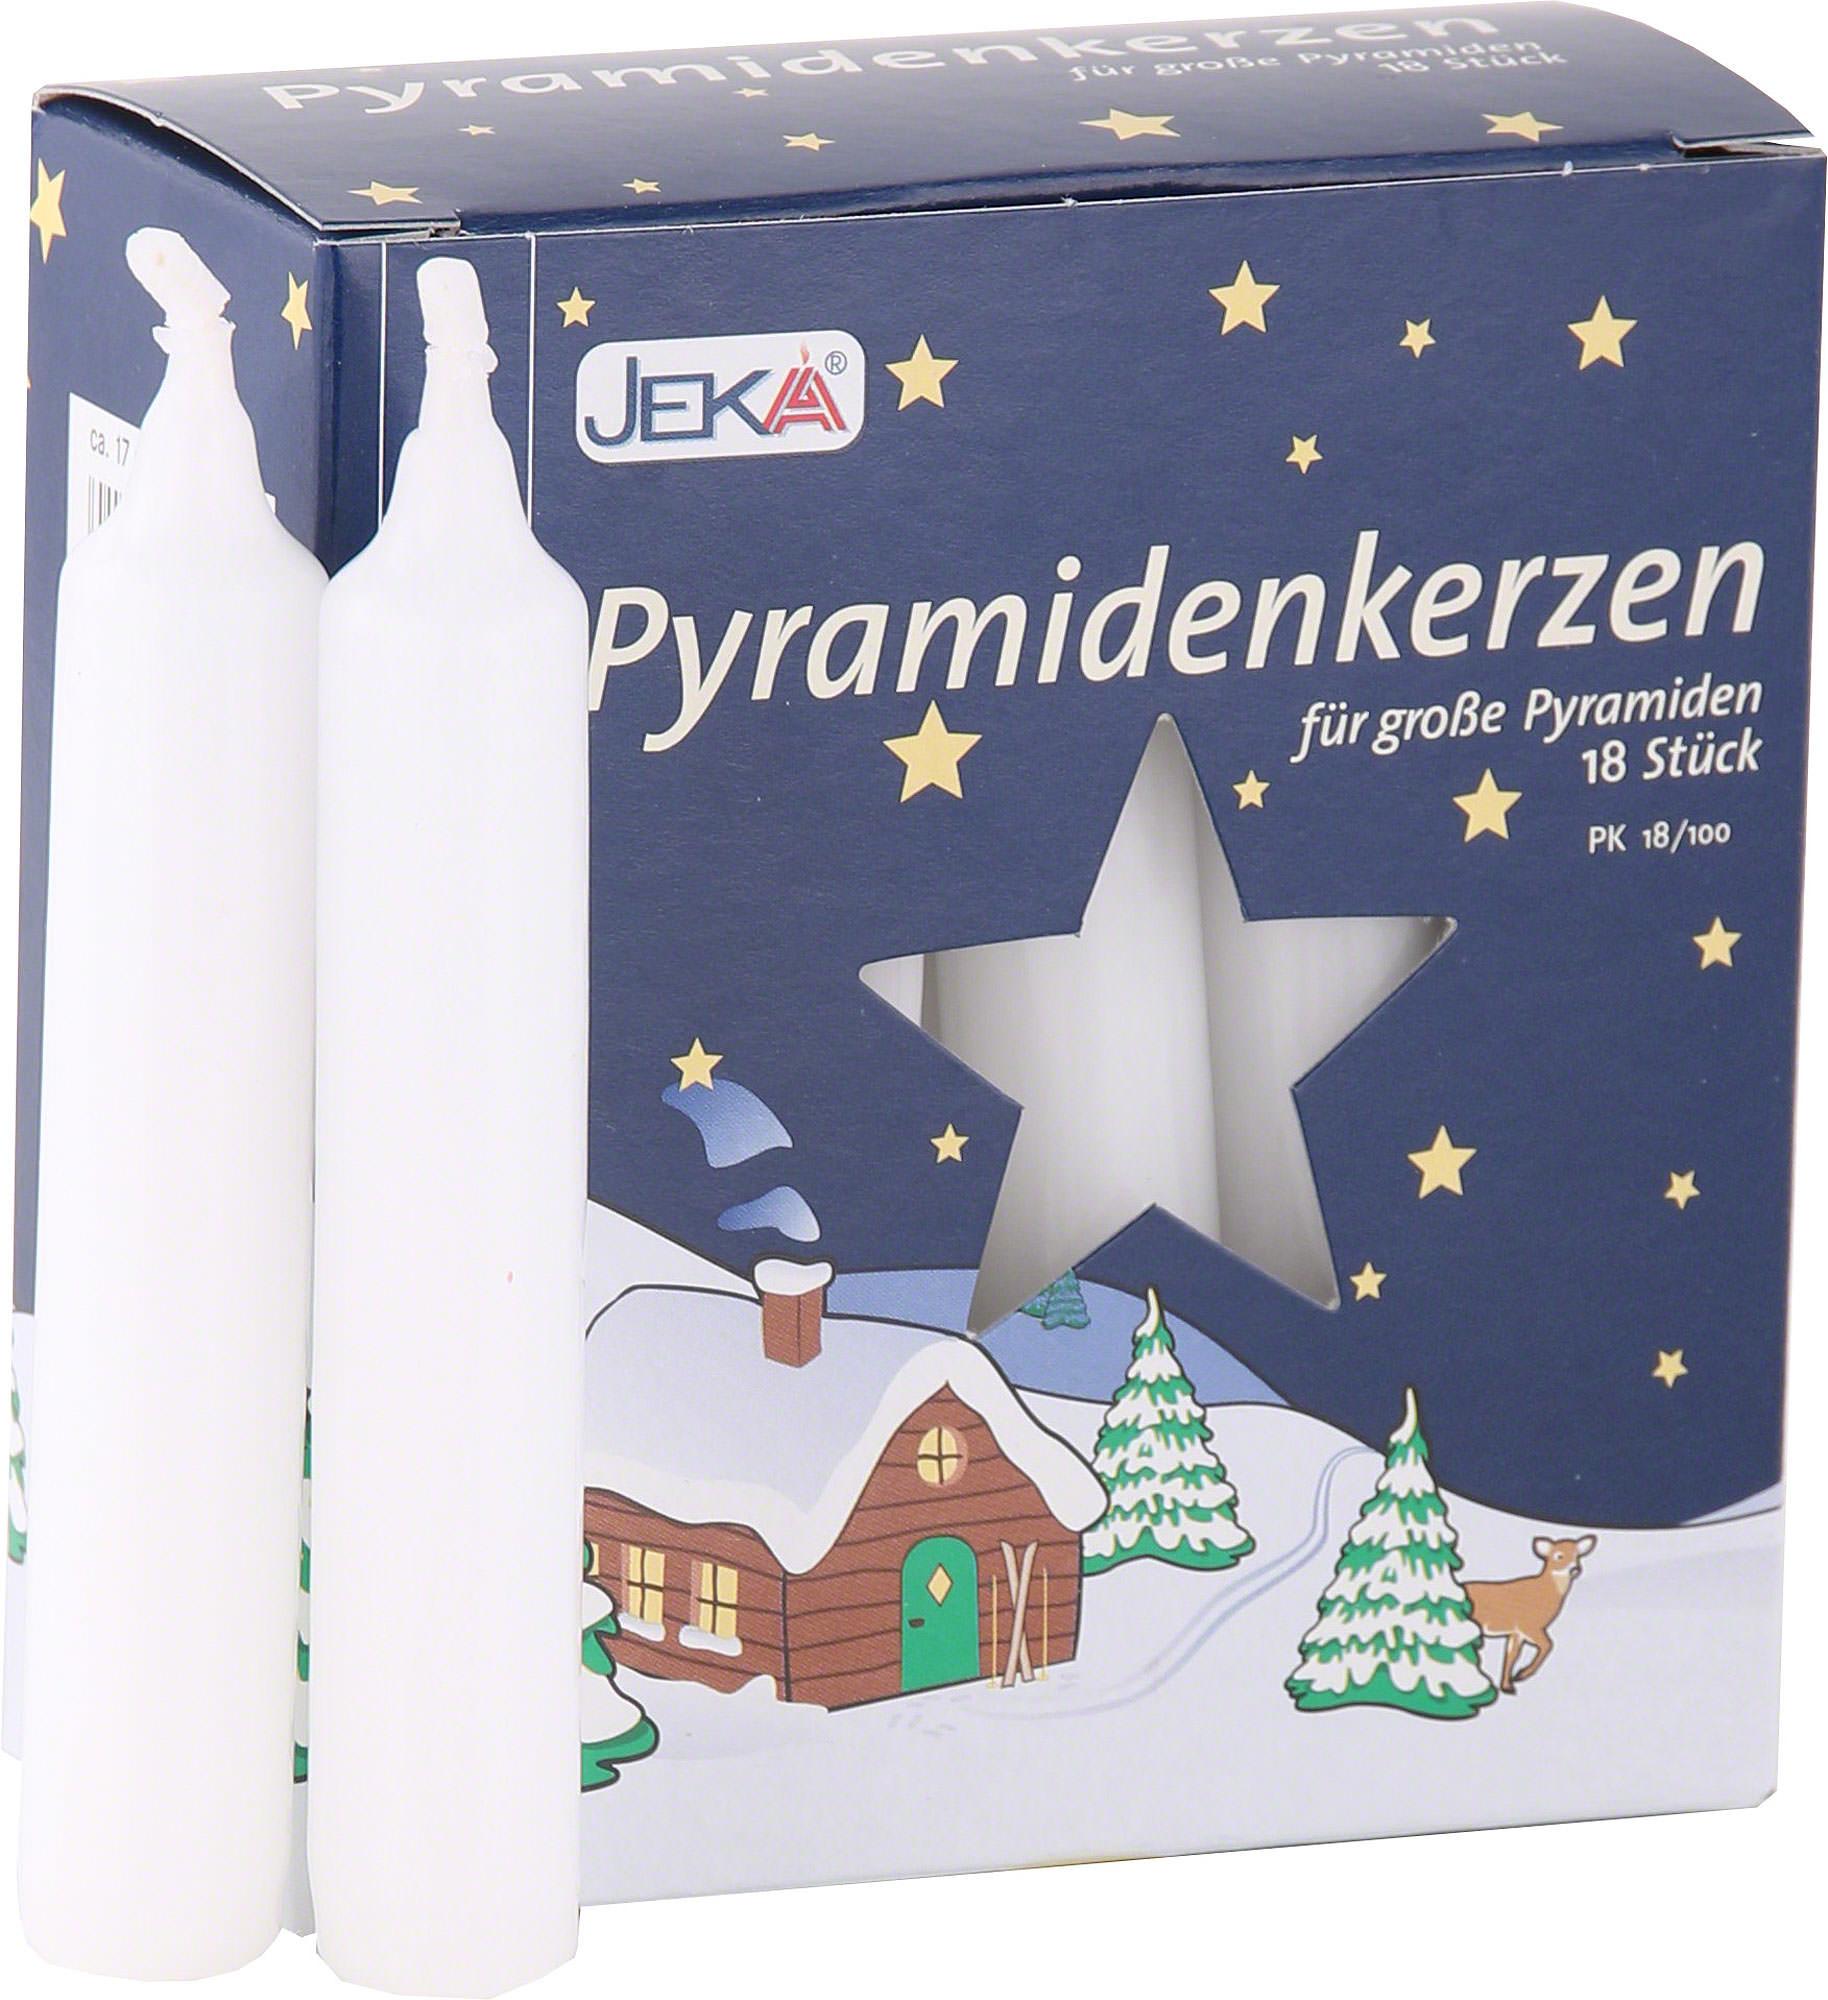 hochwertige pyramidenkerzen weiss 1 7 cm durchmesser von jeka ebersbacher kerzen. Black Bedroom Furniture Sets. Home Design Ideas